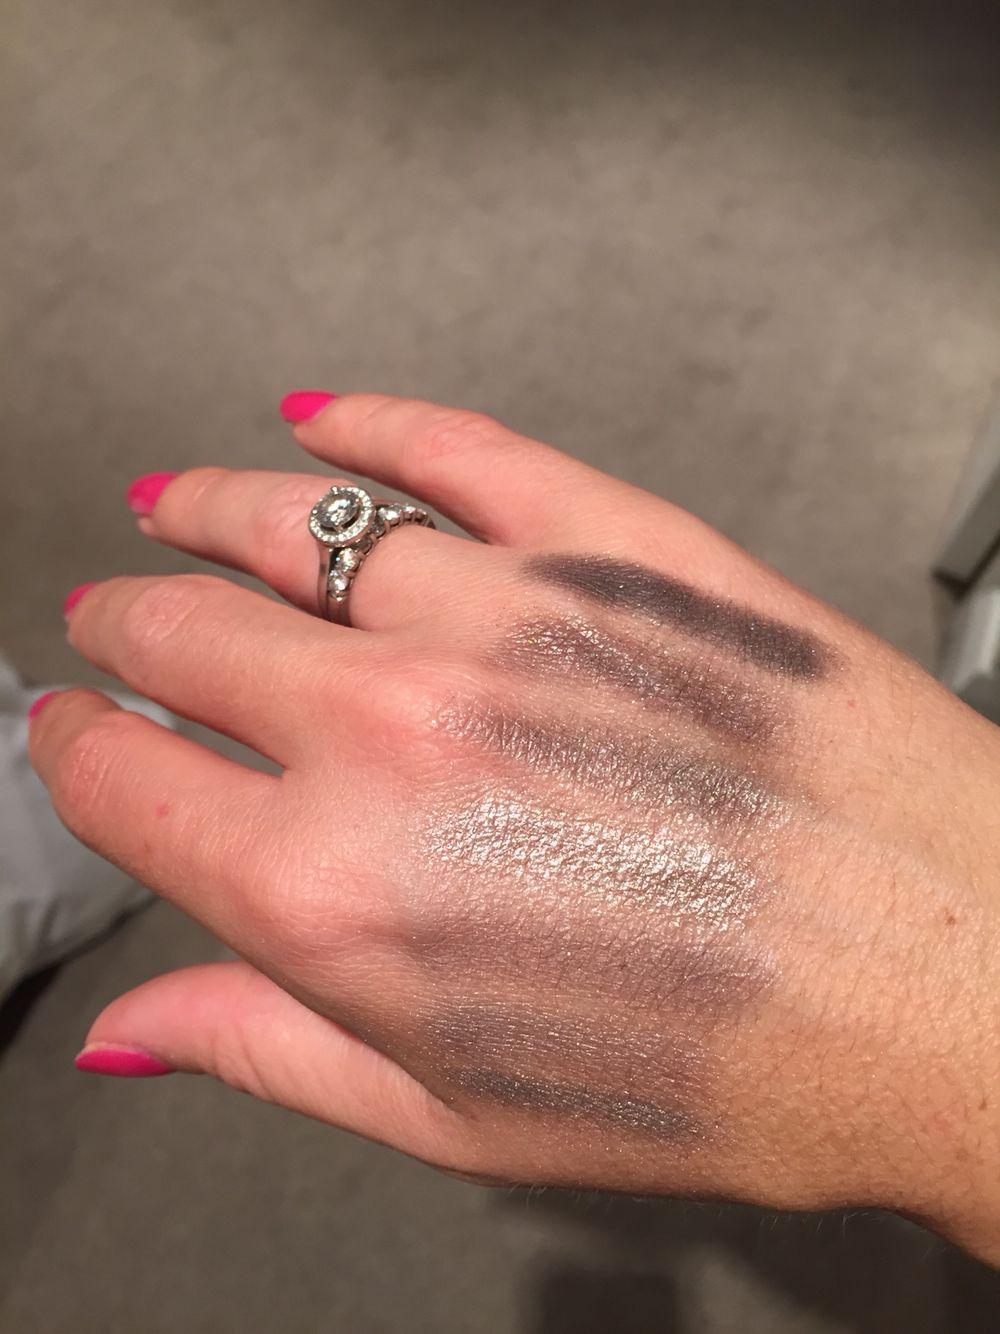 Amazing pigments